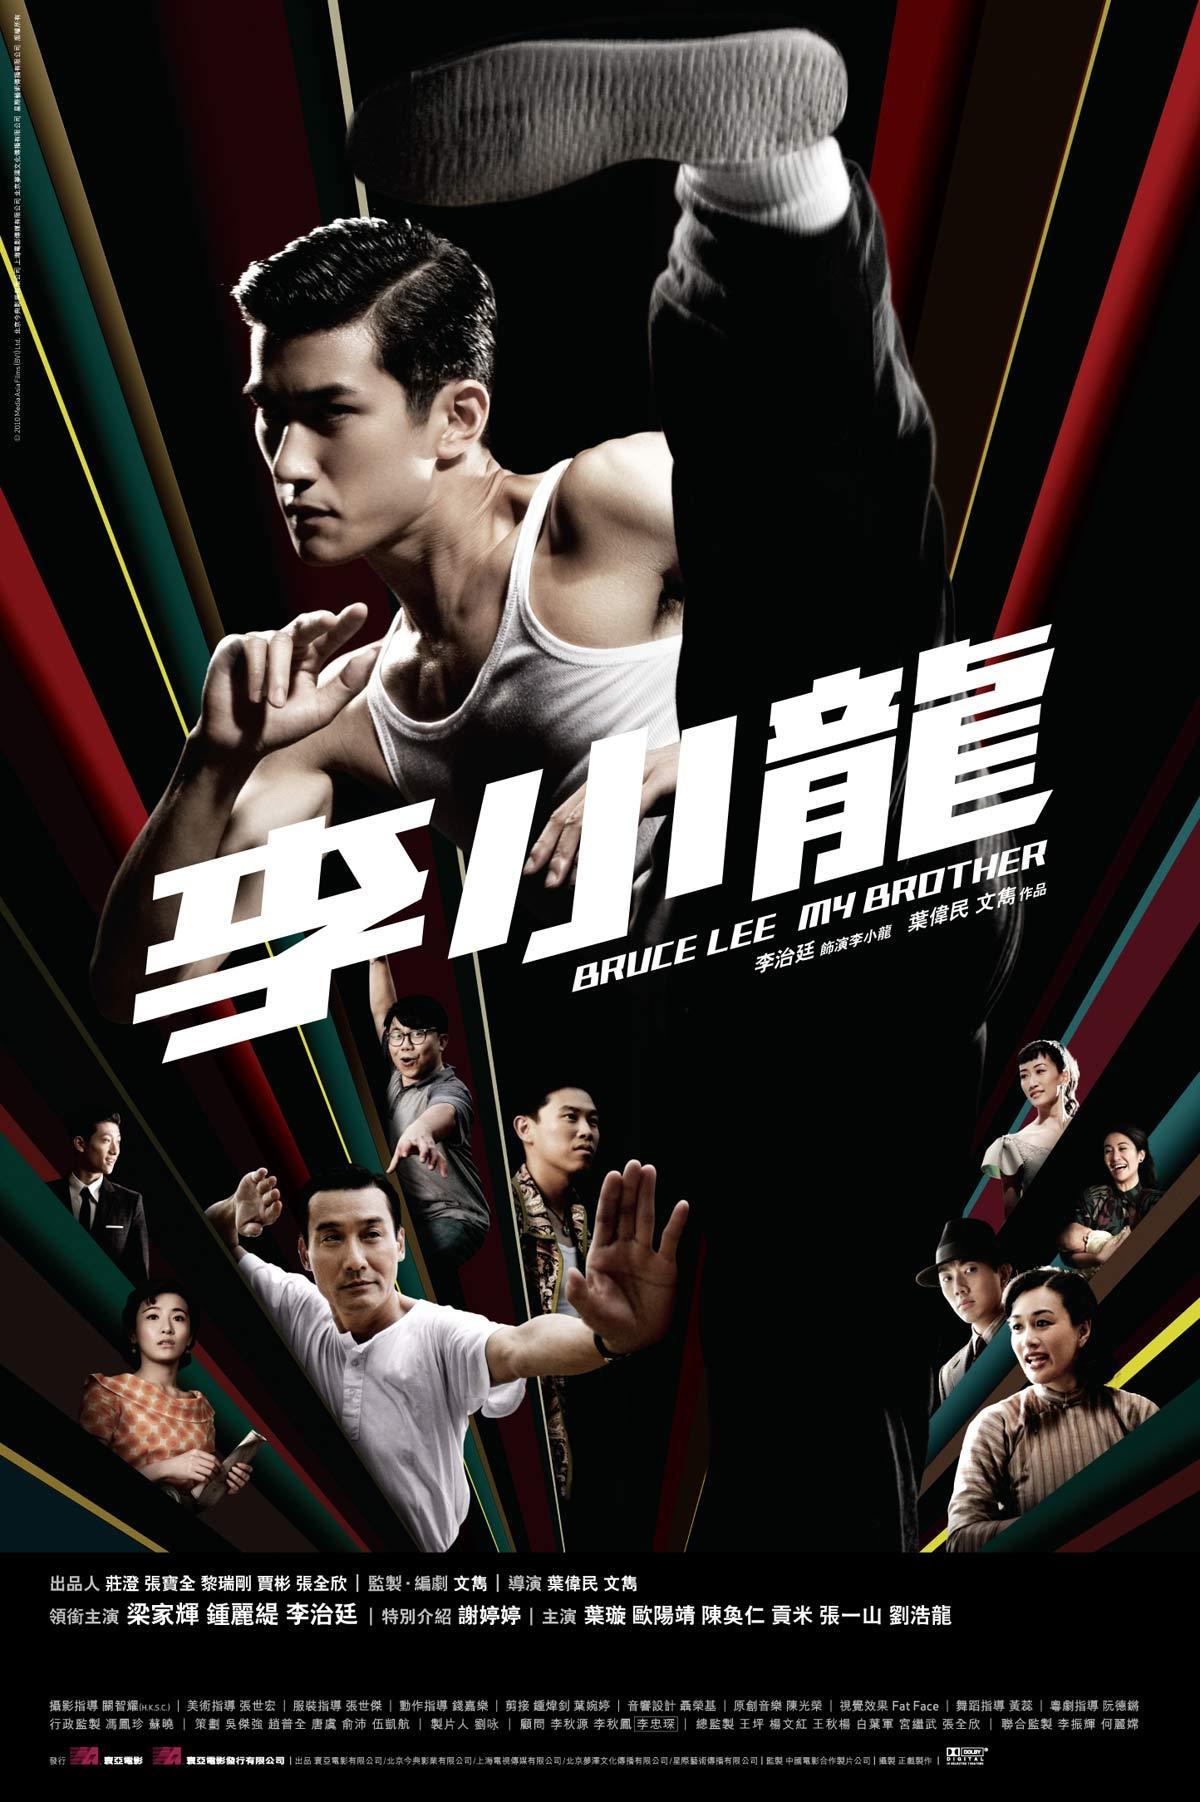 ดูหนังออนไลน์ Li xiao long (2010)